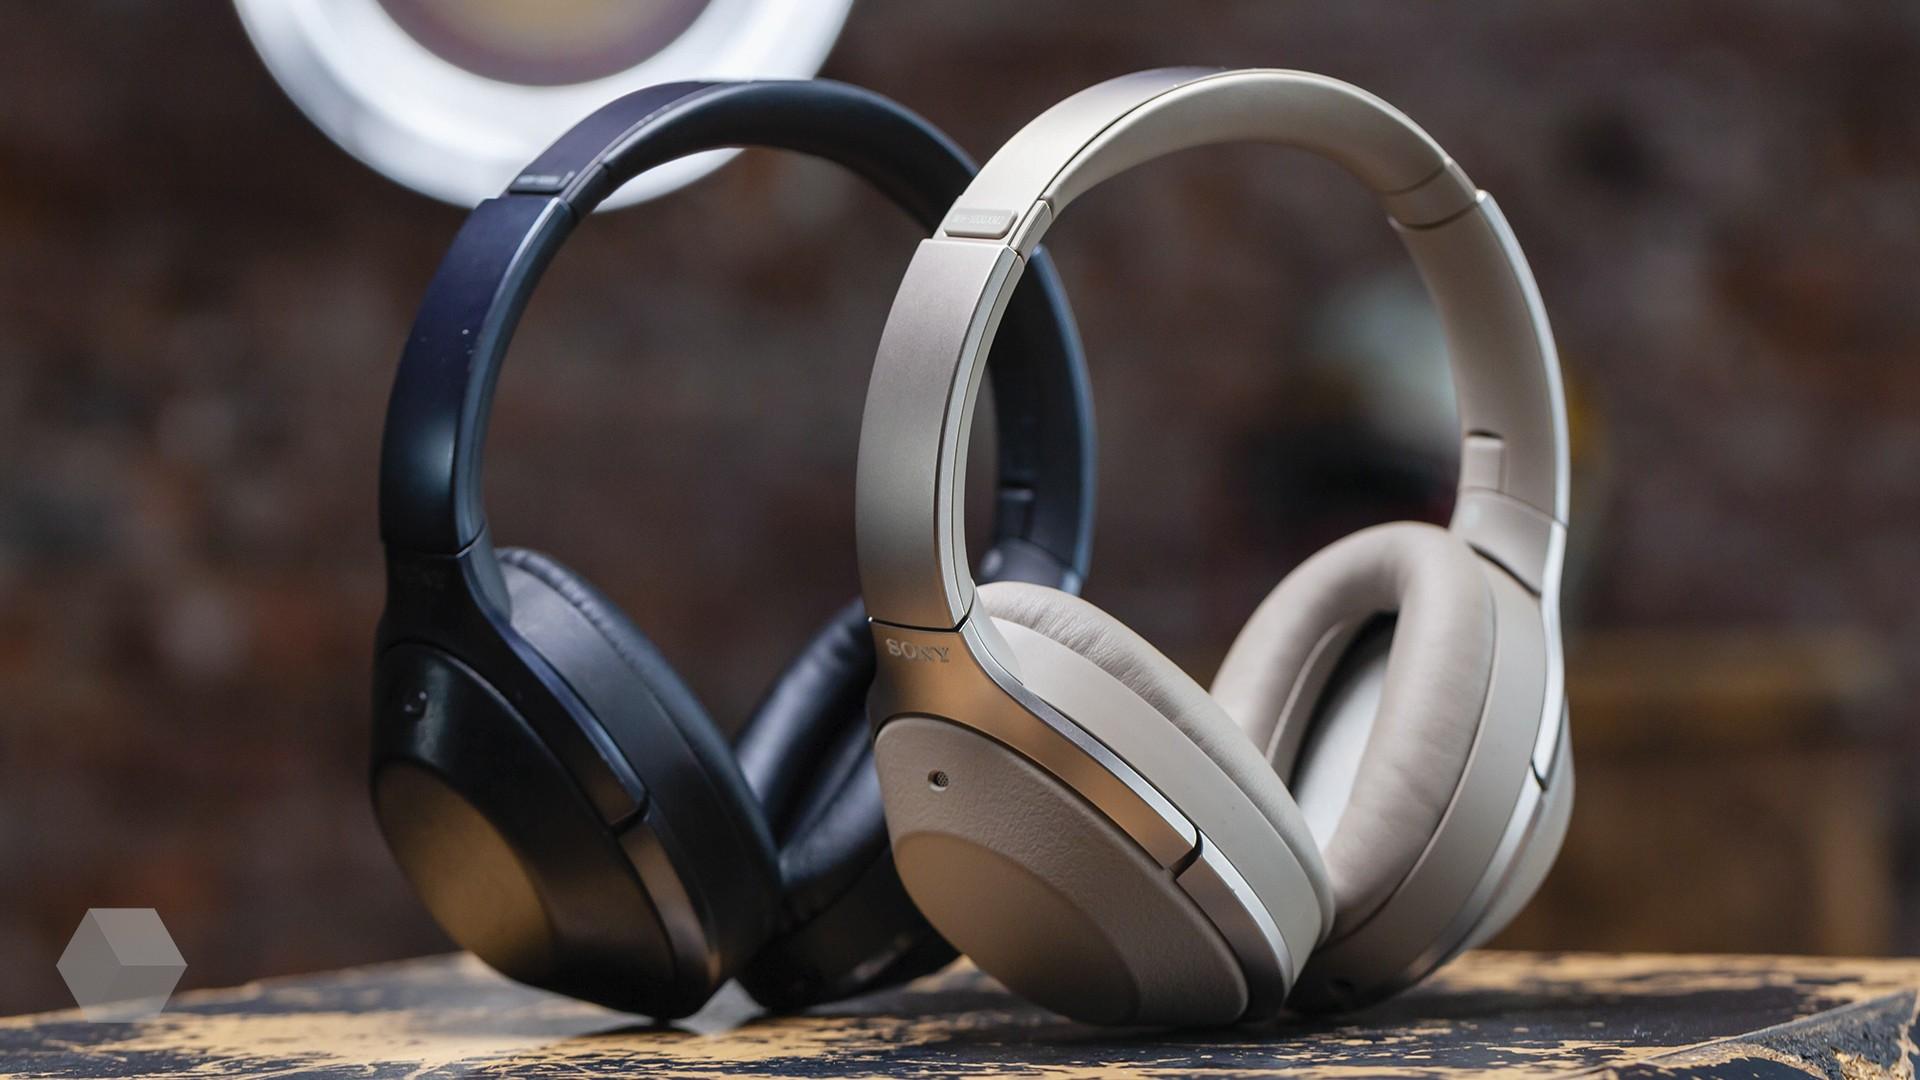 Наушники с шумоподавлением Sony MDR-1000X и WH-1000XM2 — какие лучше?